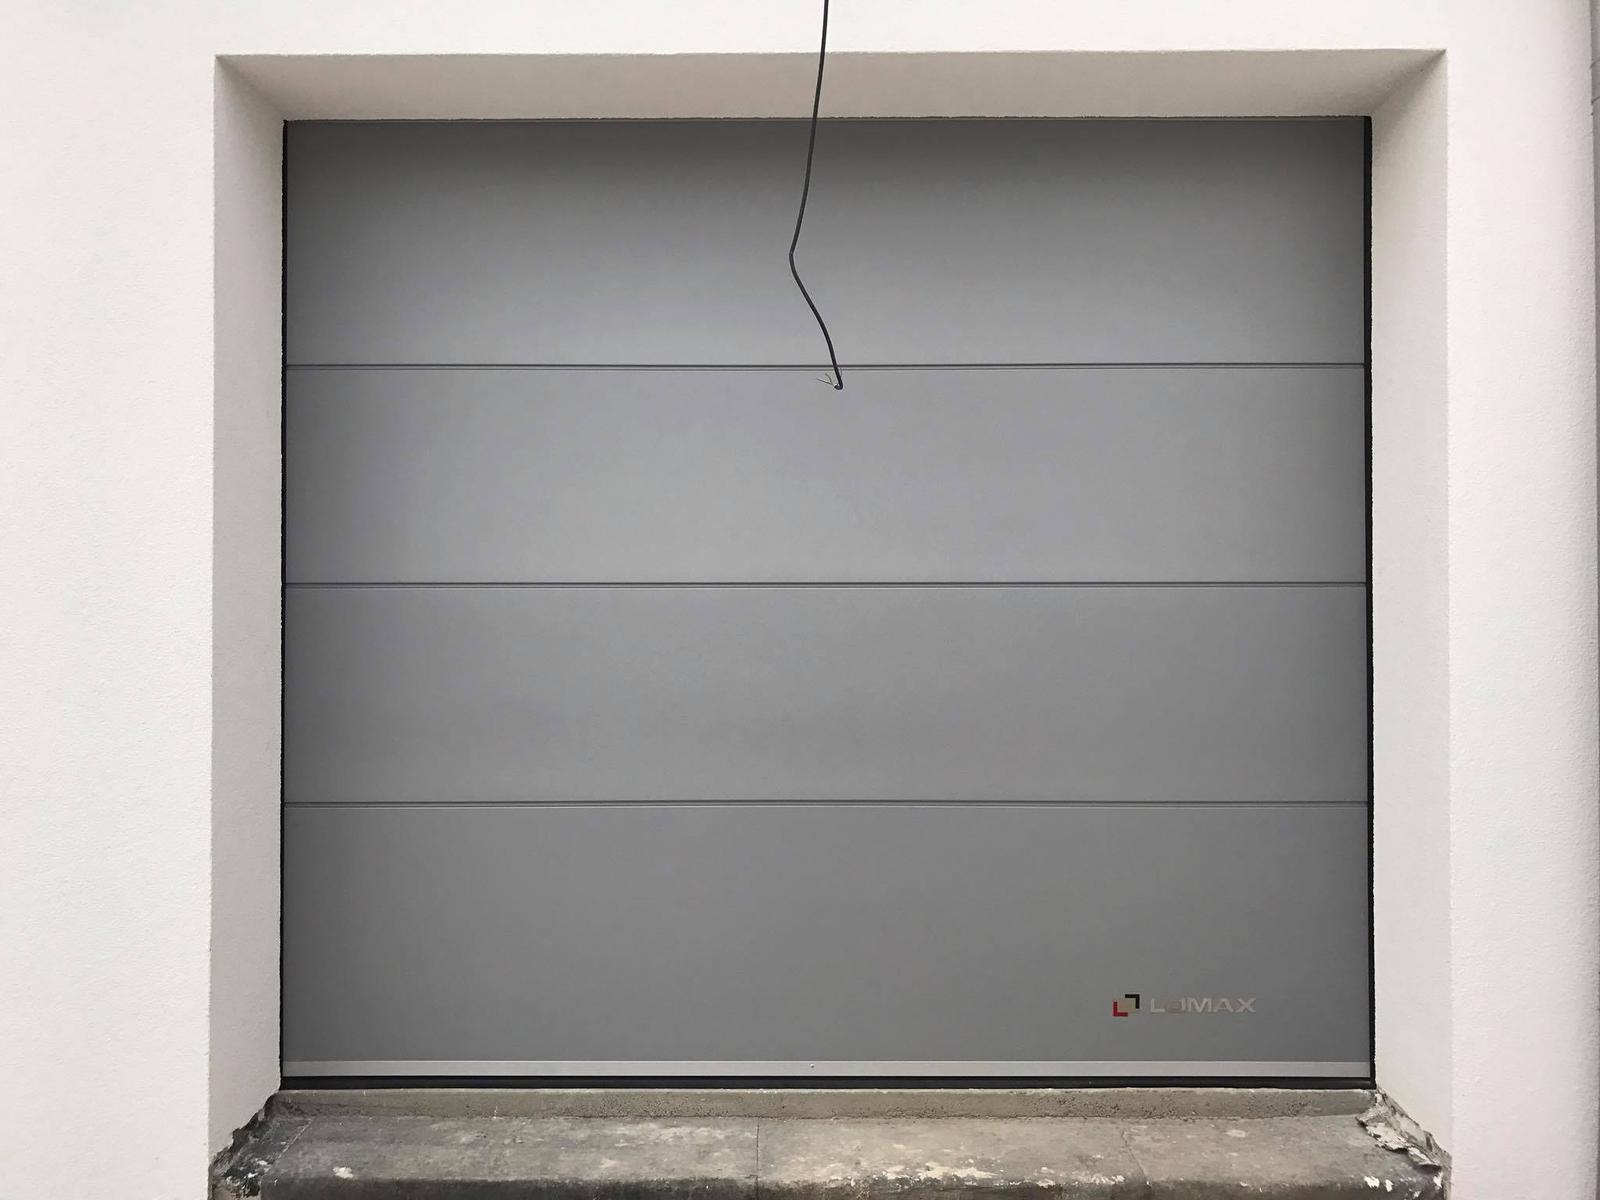 Garážová brána 2500x2220, Farba: RAL 9006 - Obrázok č. 1